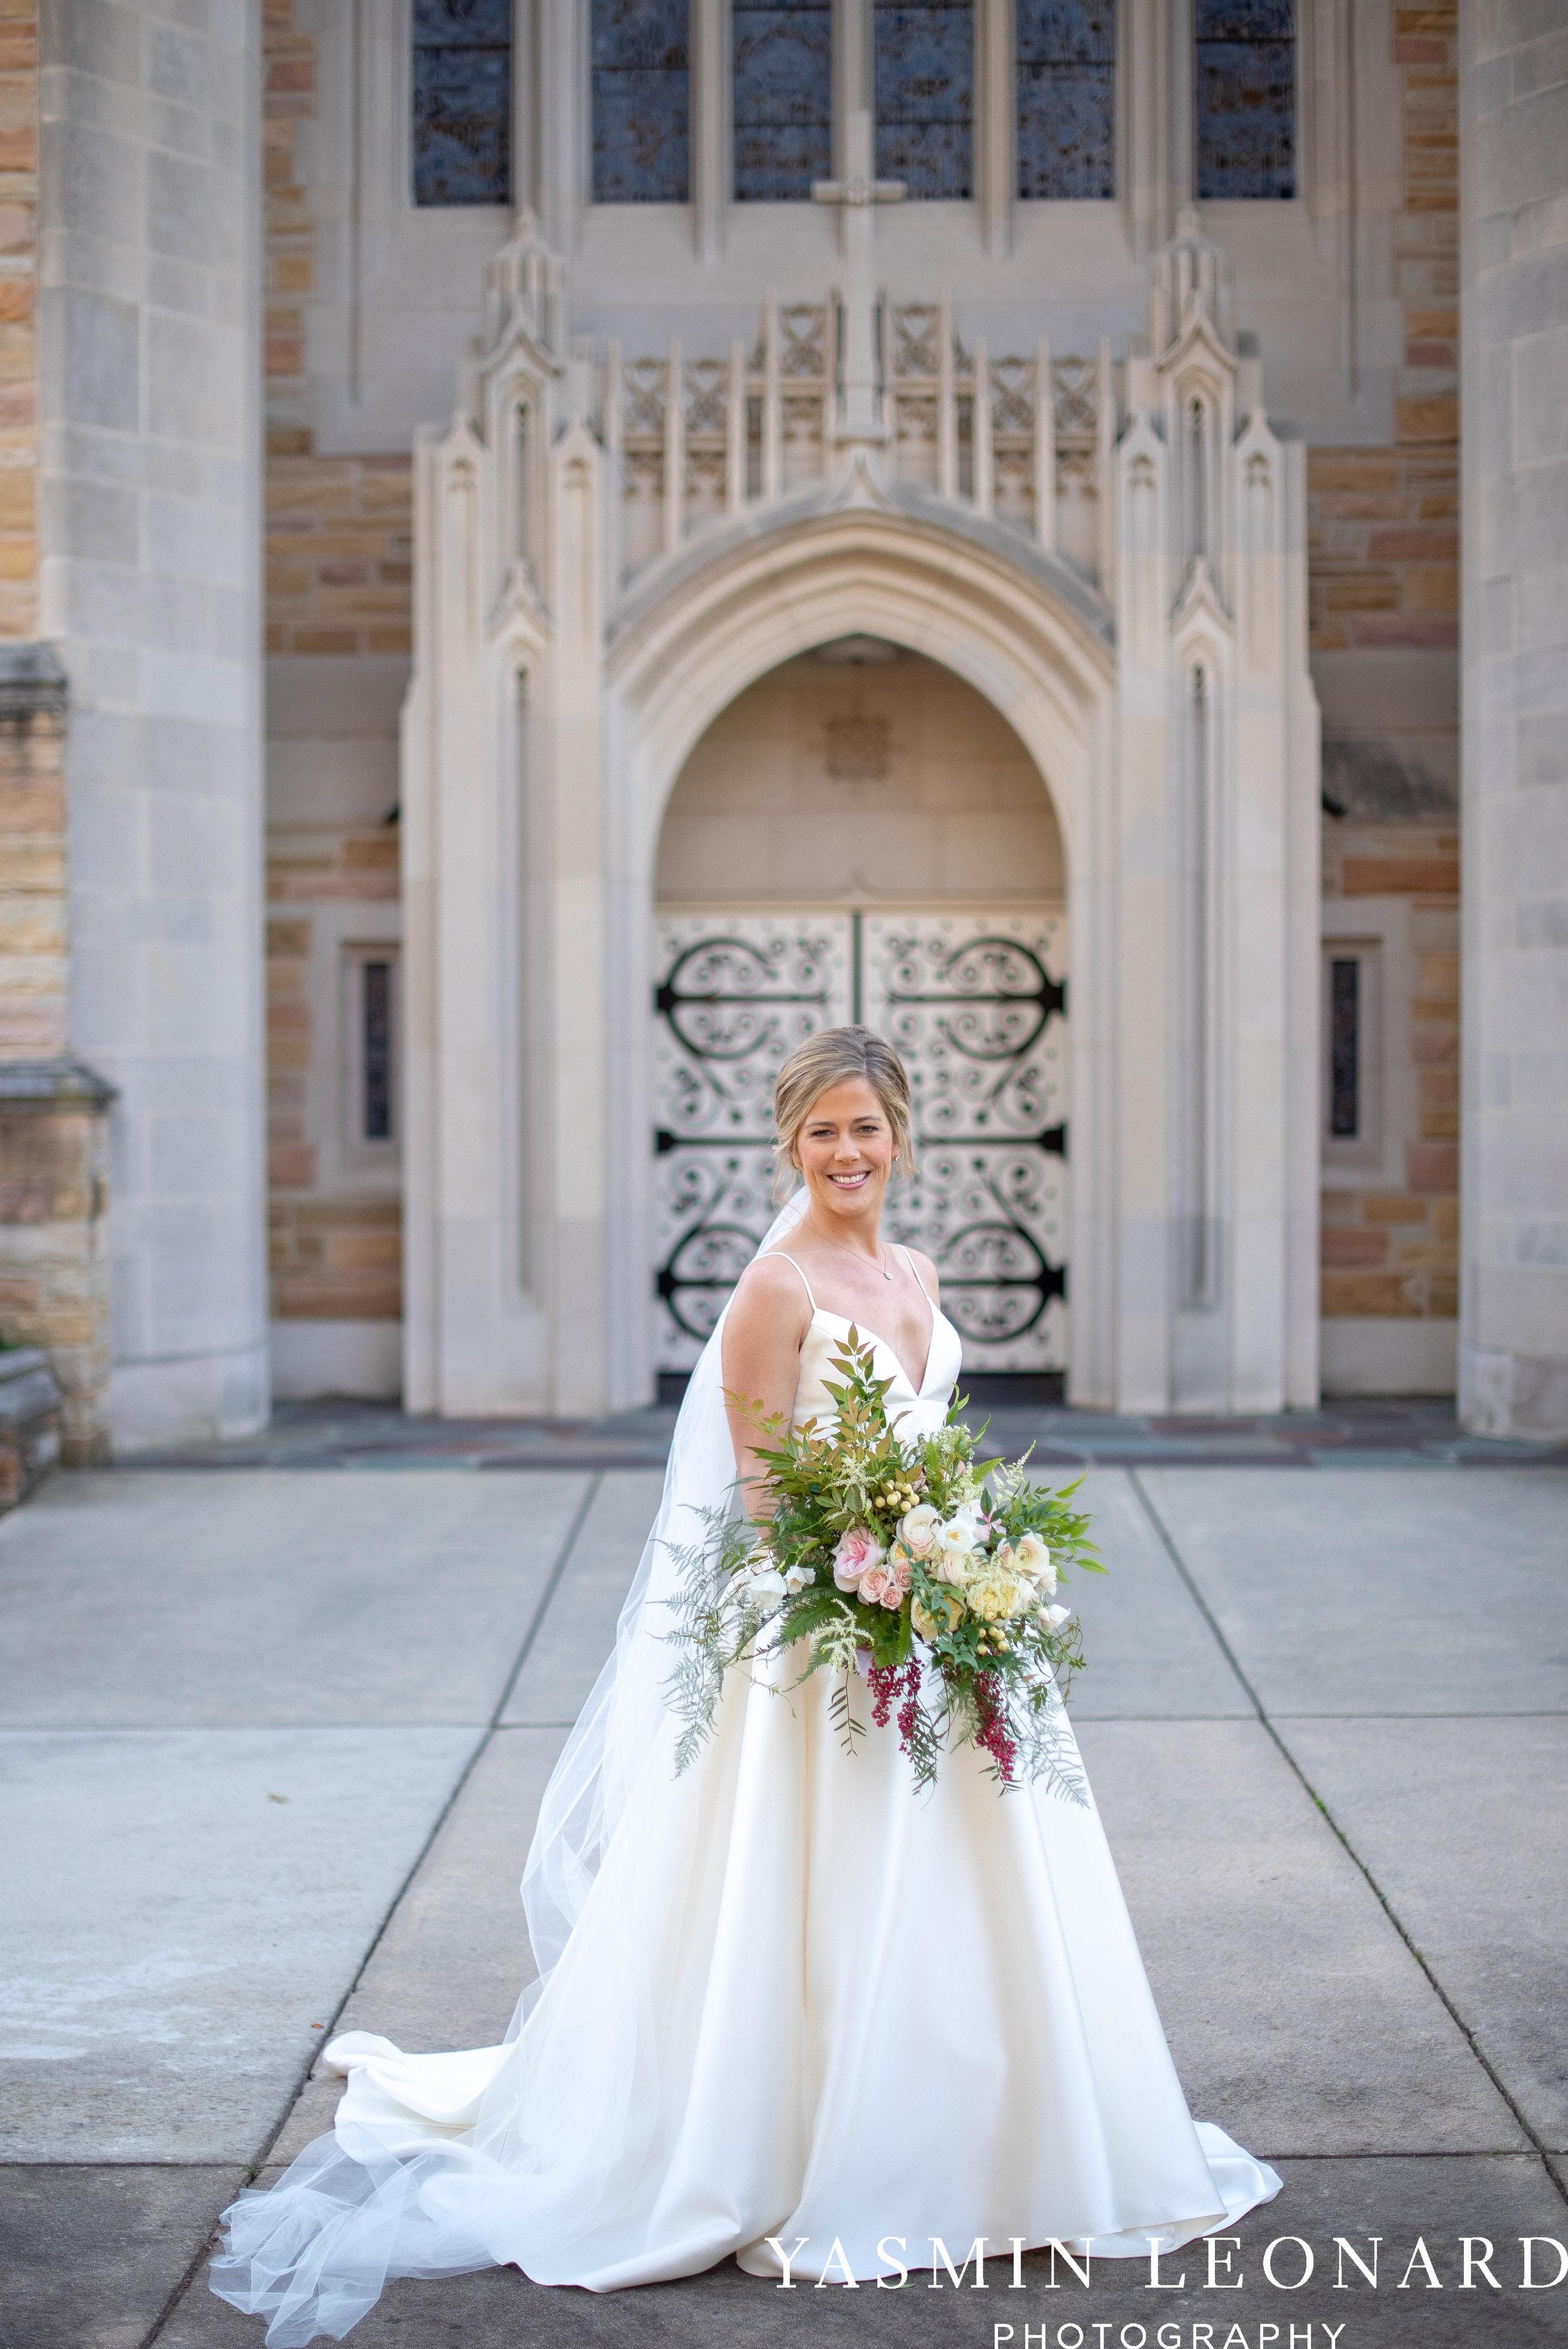 Wesley Memorial United Methodist Church - EmeryWood - High Point Weddings - High Point Wedding Photographer - NC Wedding Photographer - Yasmin Leonard Photography-9.jpg